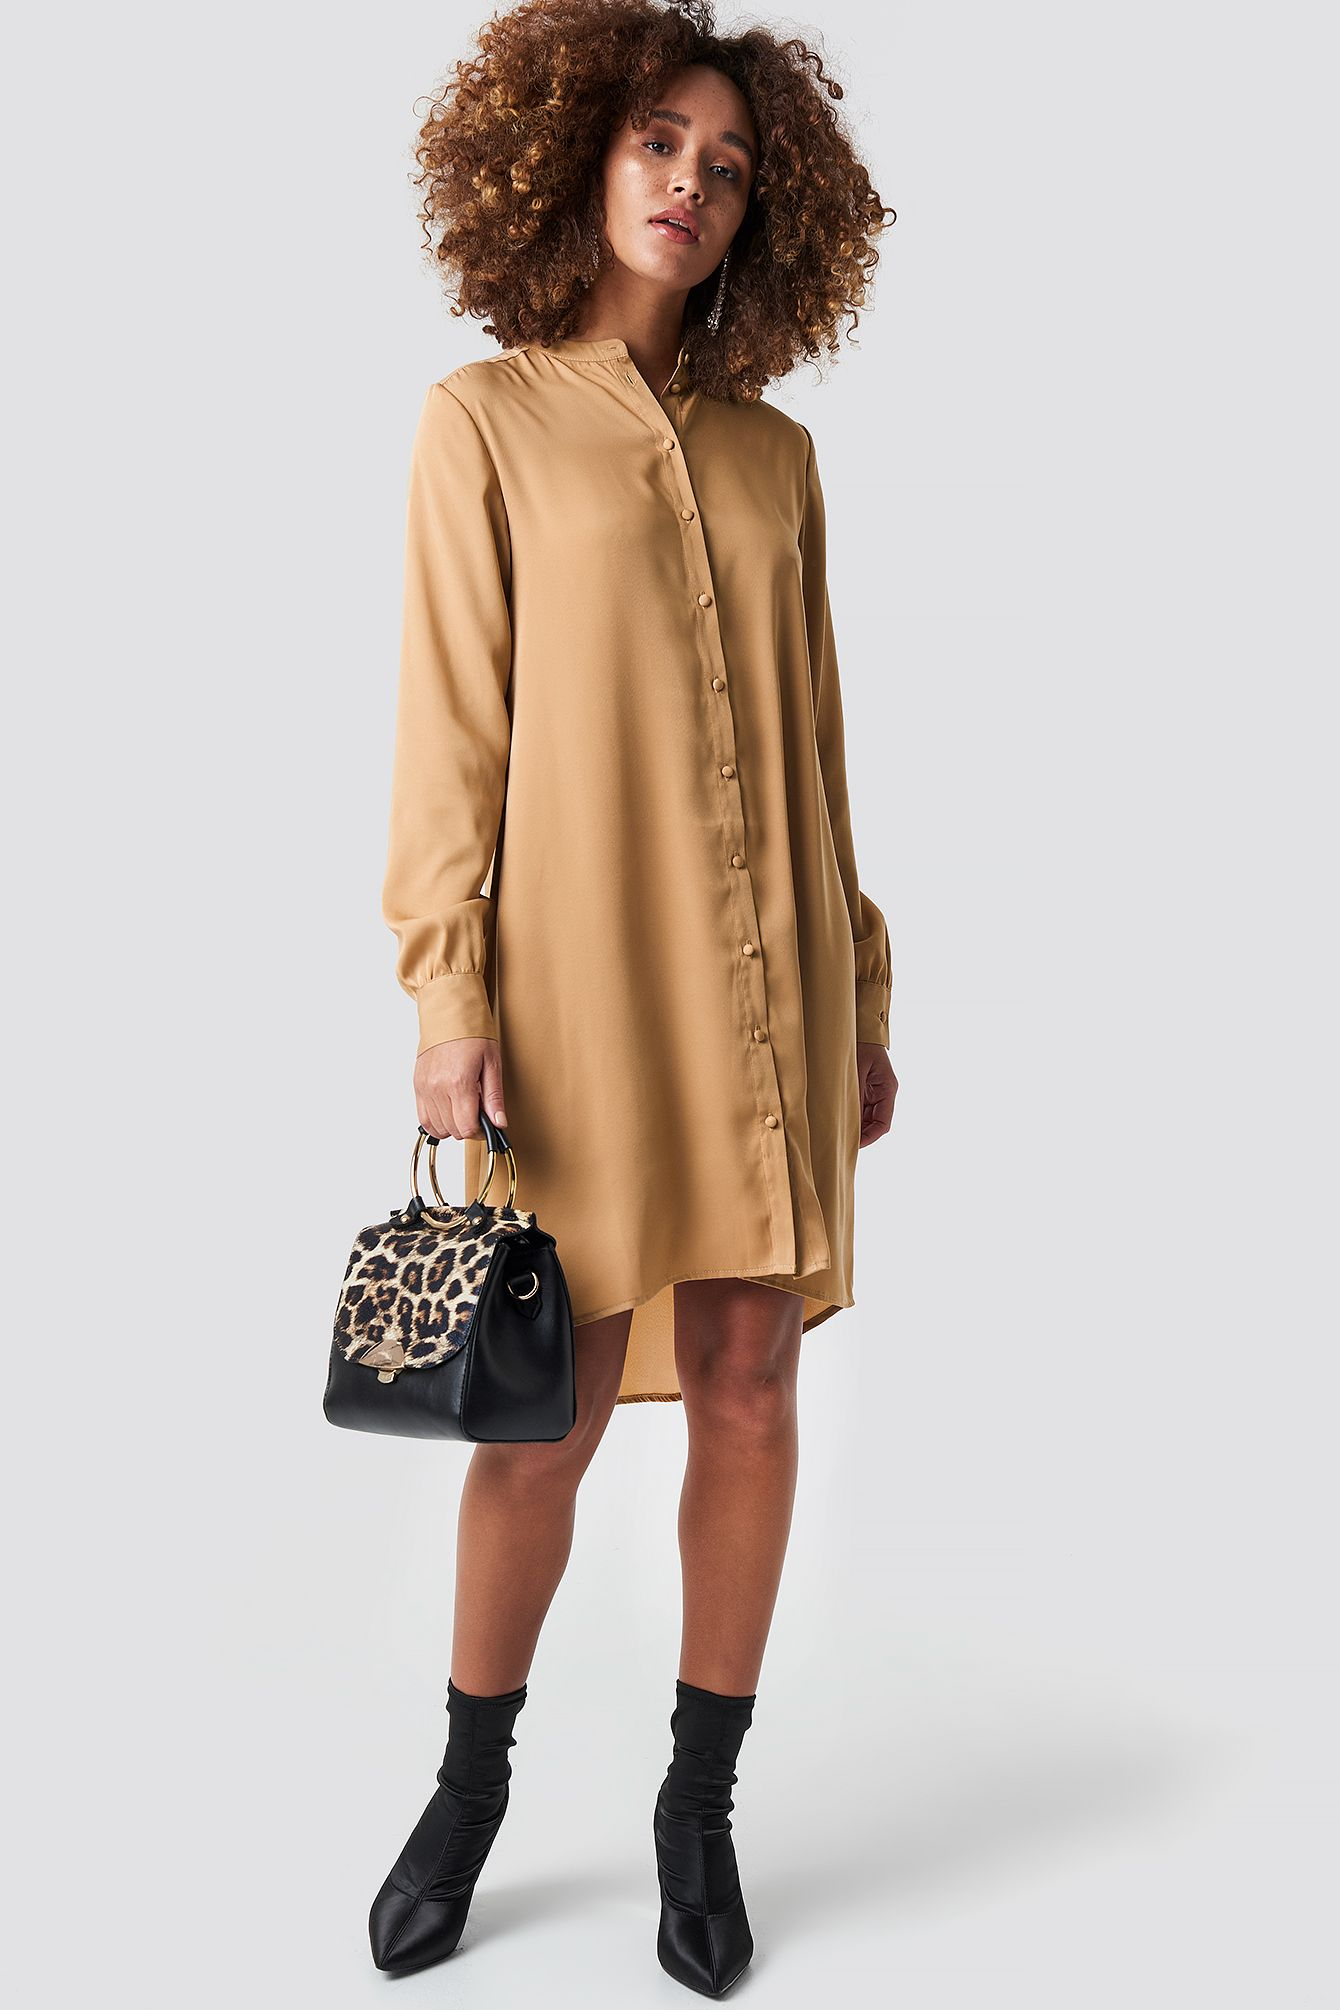 Oversized Shirt Dress in 2020 | Oberhemden, Modestil, Kleidung